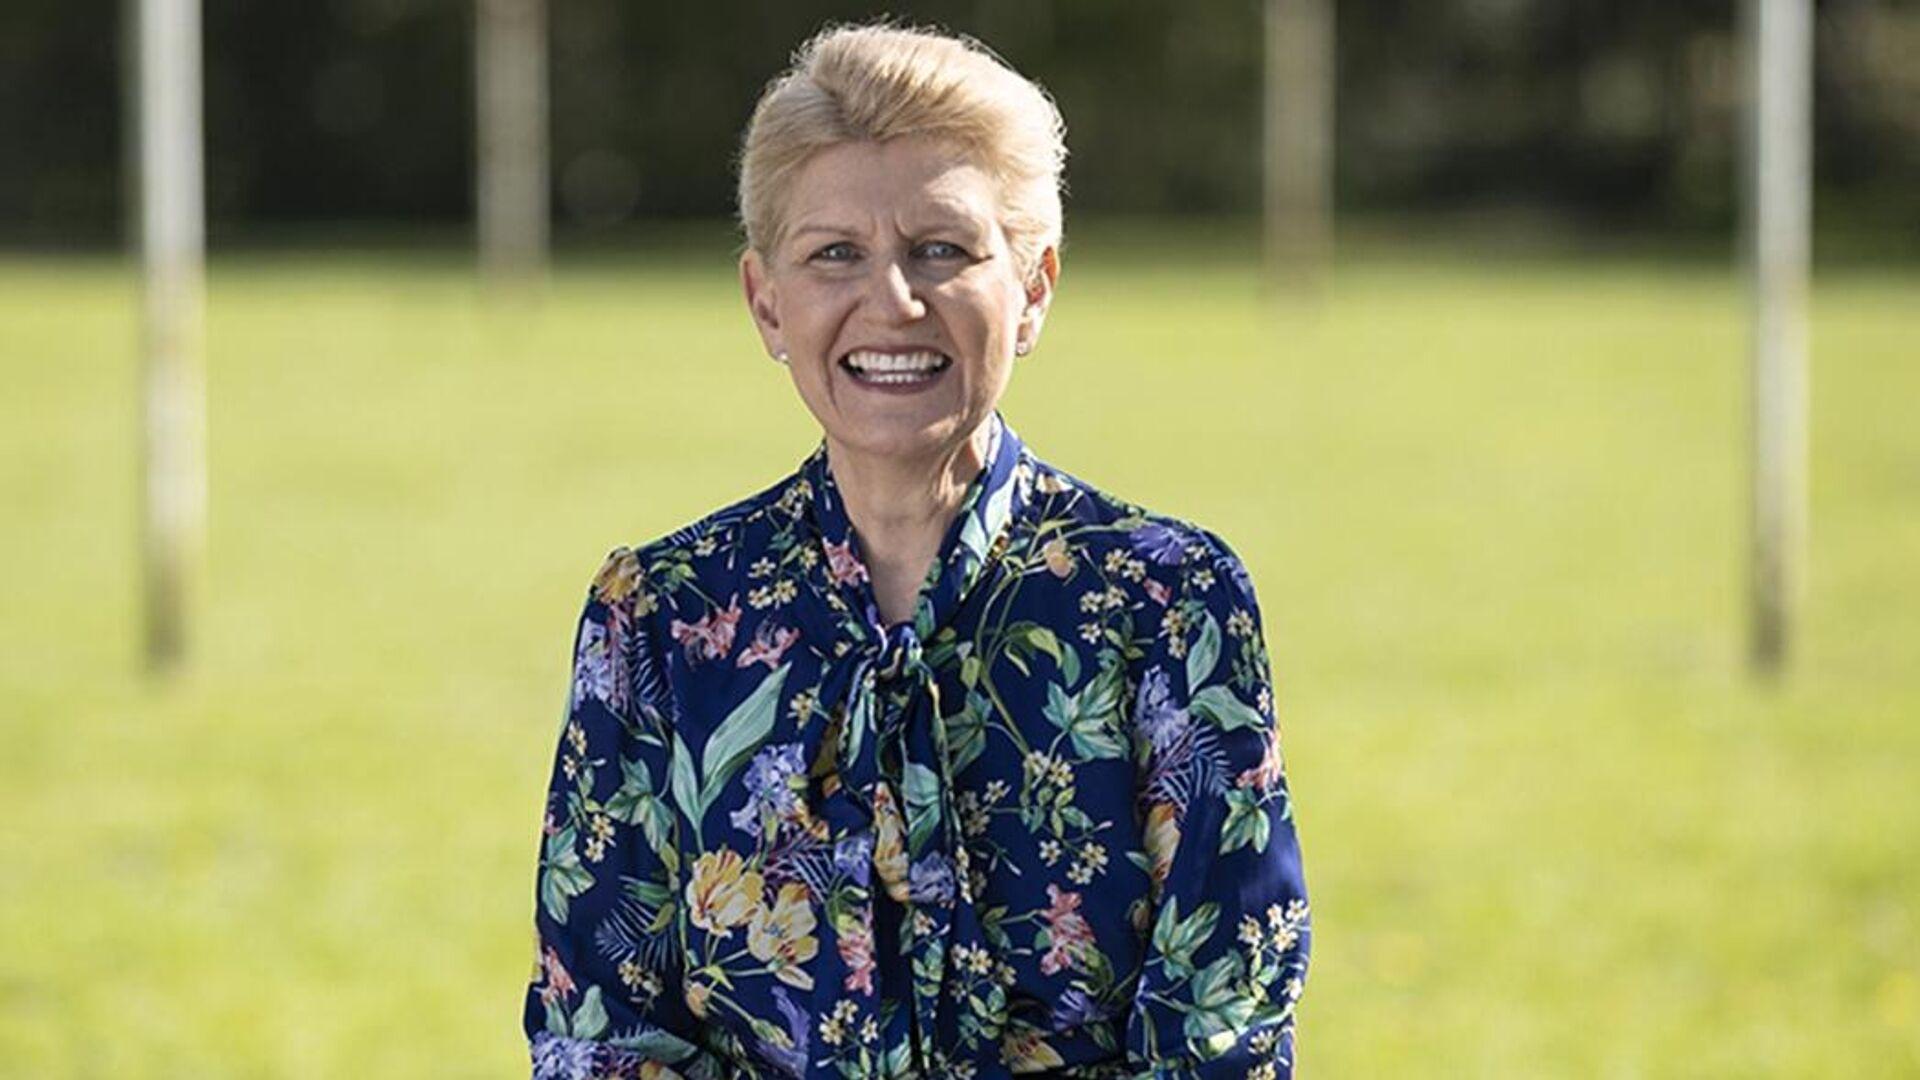 Debbie Hewitt, presidenta de la Asociación Inglesa de Fútbol (FA, por sus siglas en inglés) - Sputnik Mundo, 1920, 08.06.2021